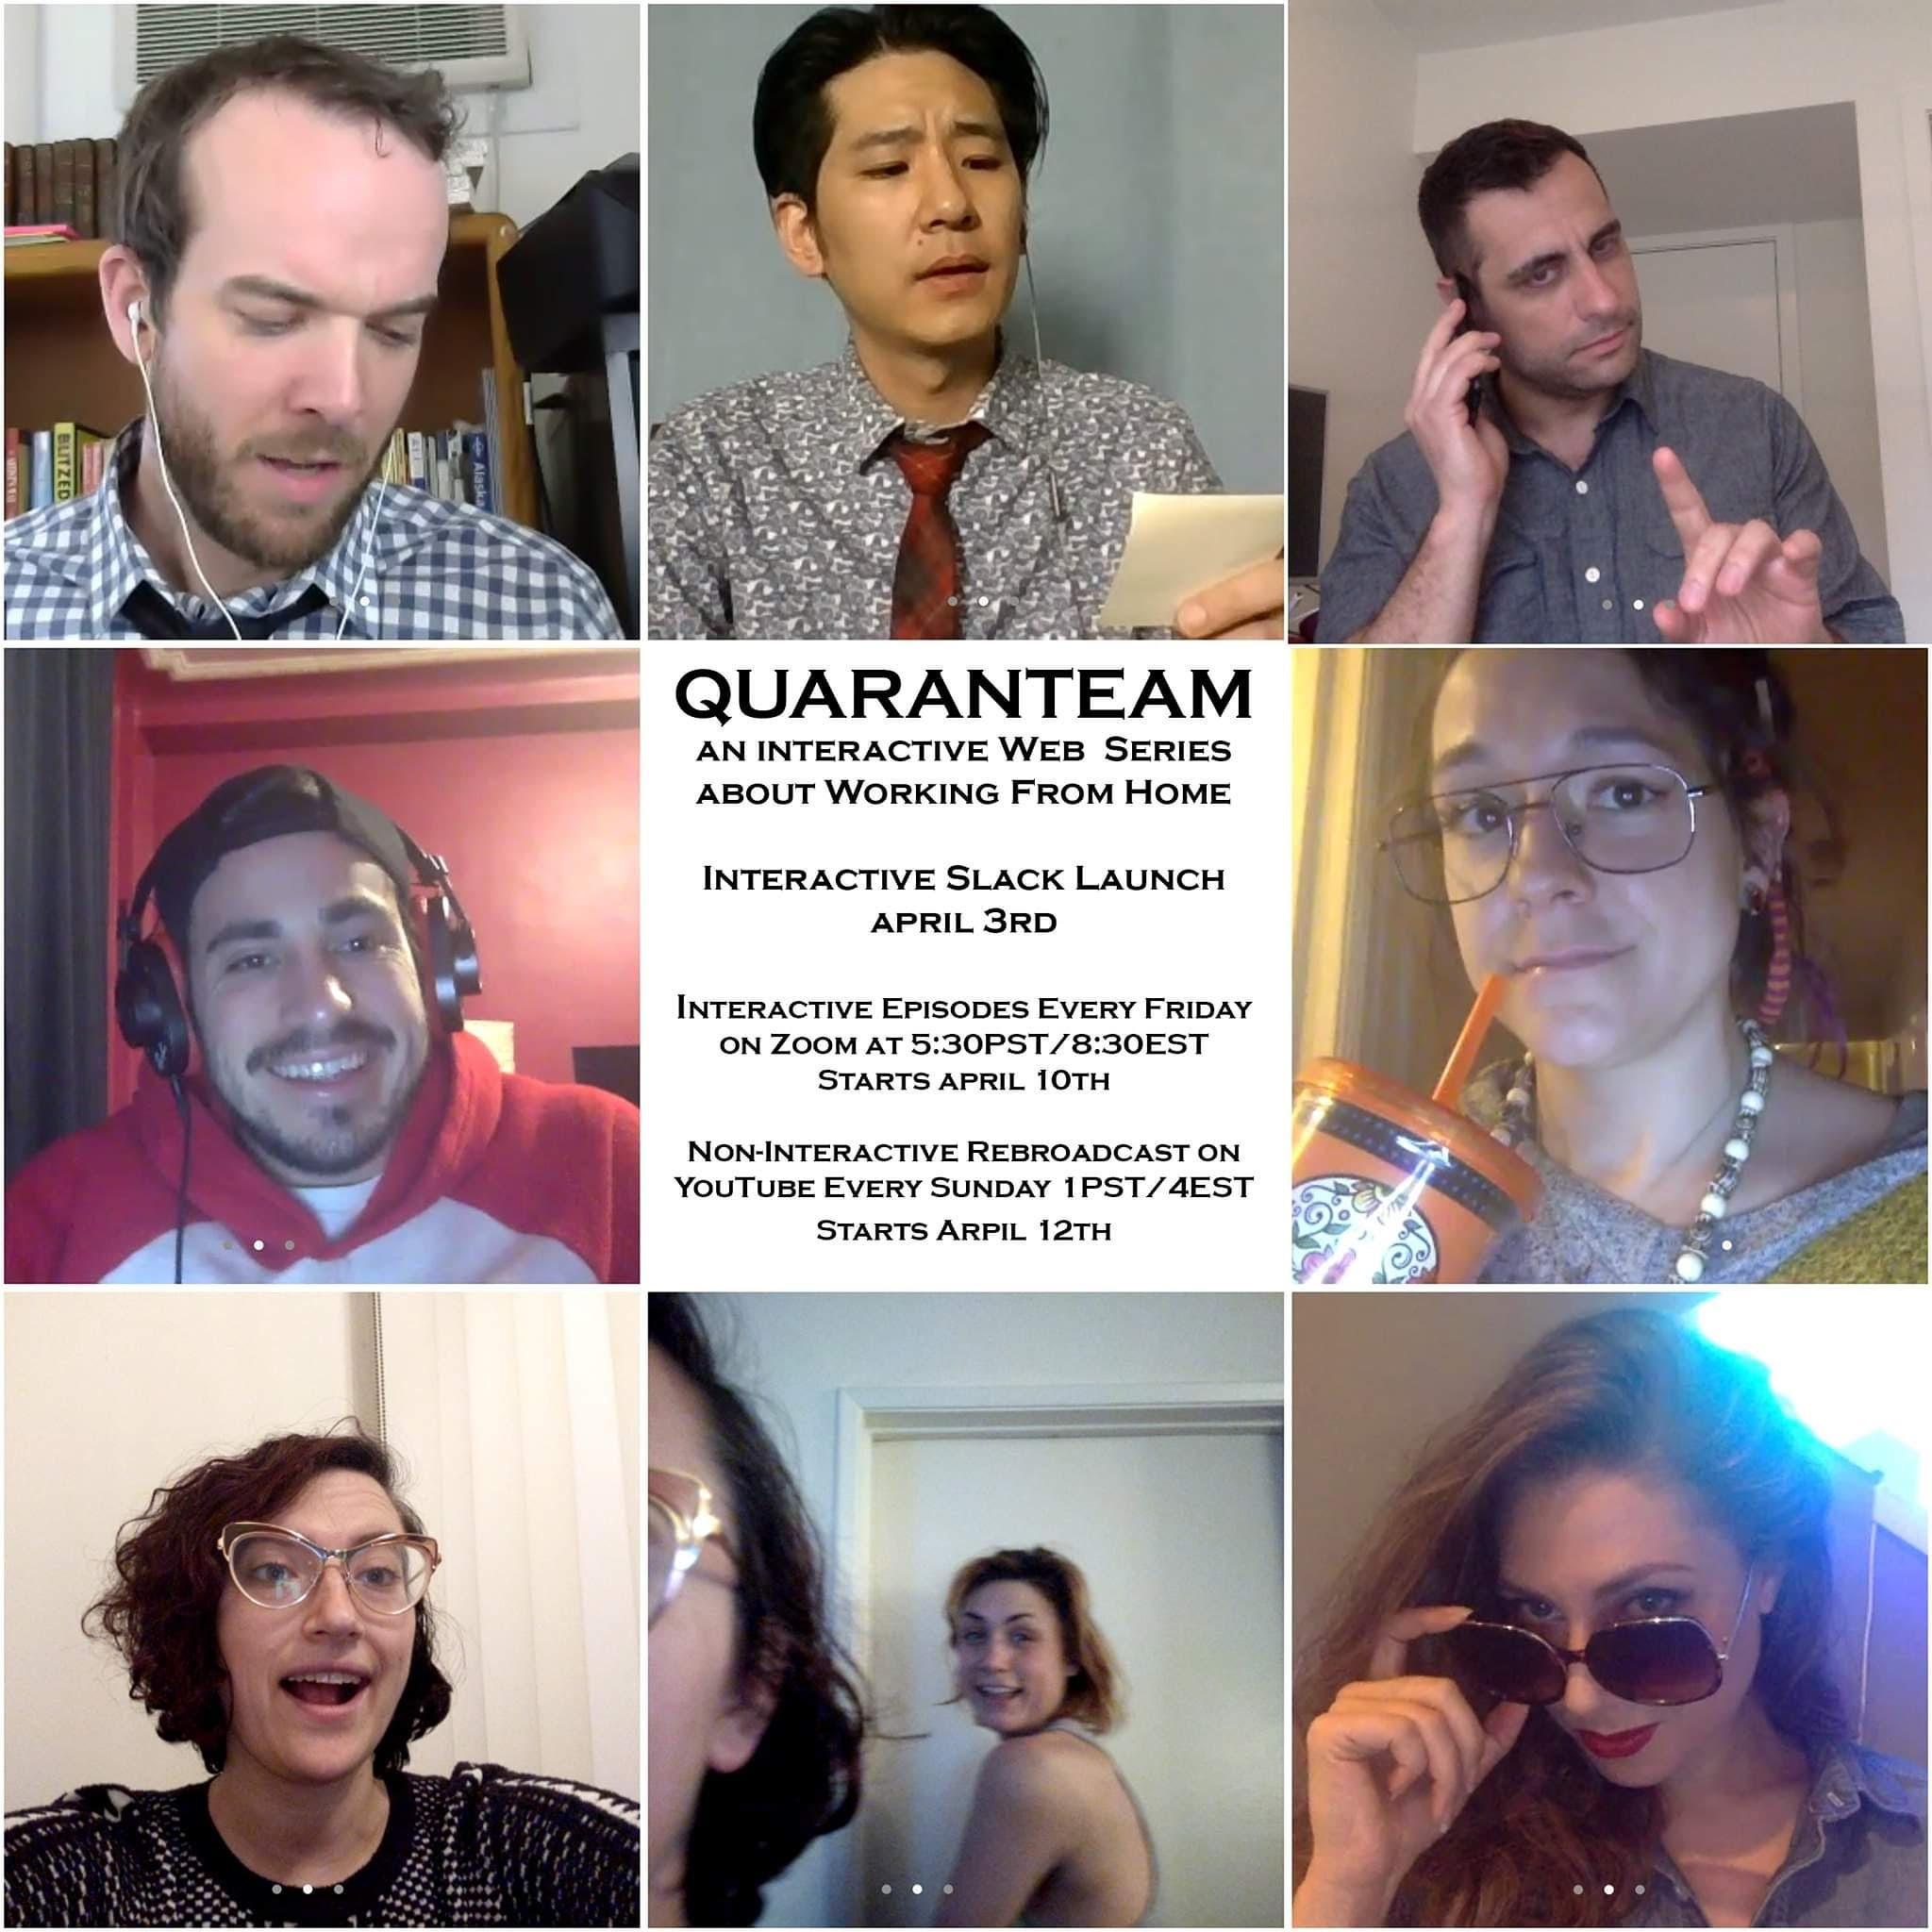 [News] ABC Interactive Announces QUARANTEAM